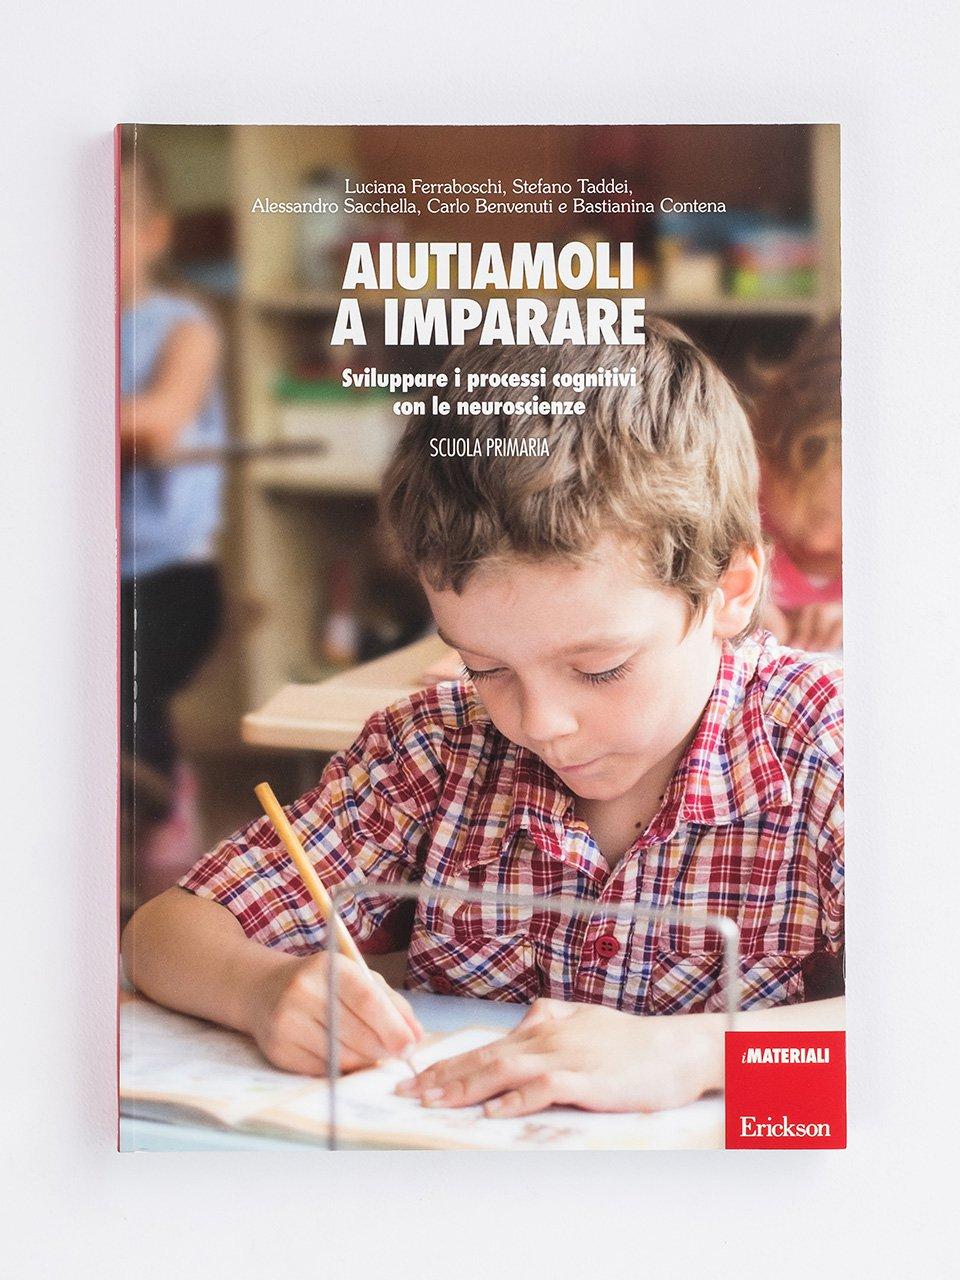 Aiutiamoli a imparare - Scuola primaria - Luciana Ferraboschi - Erickson